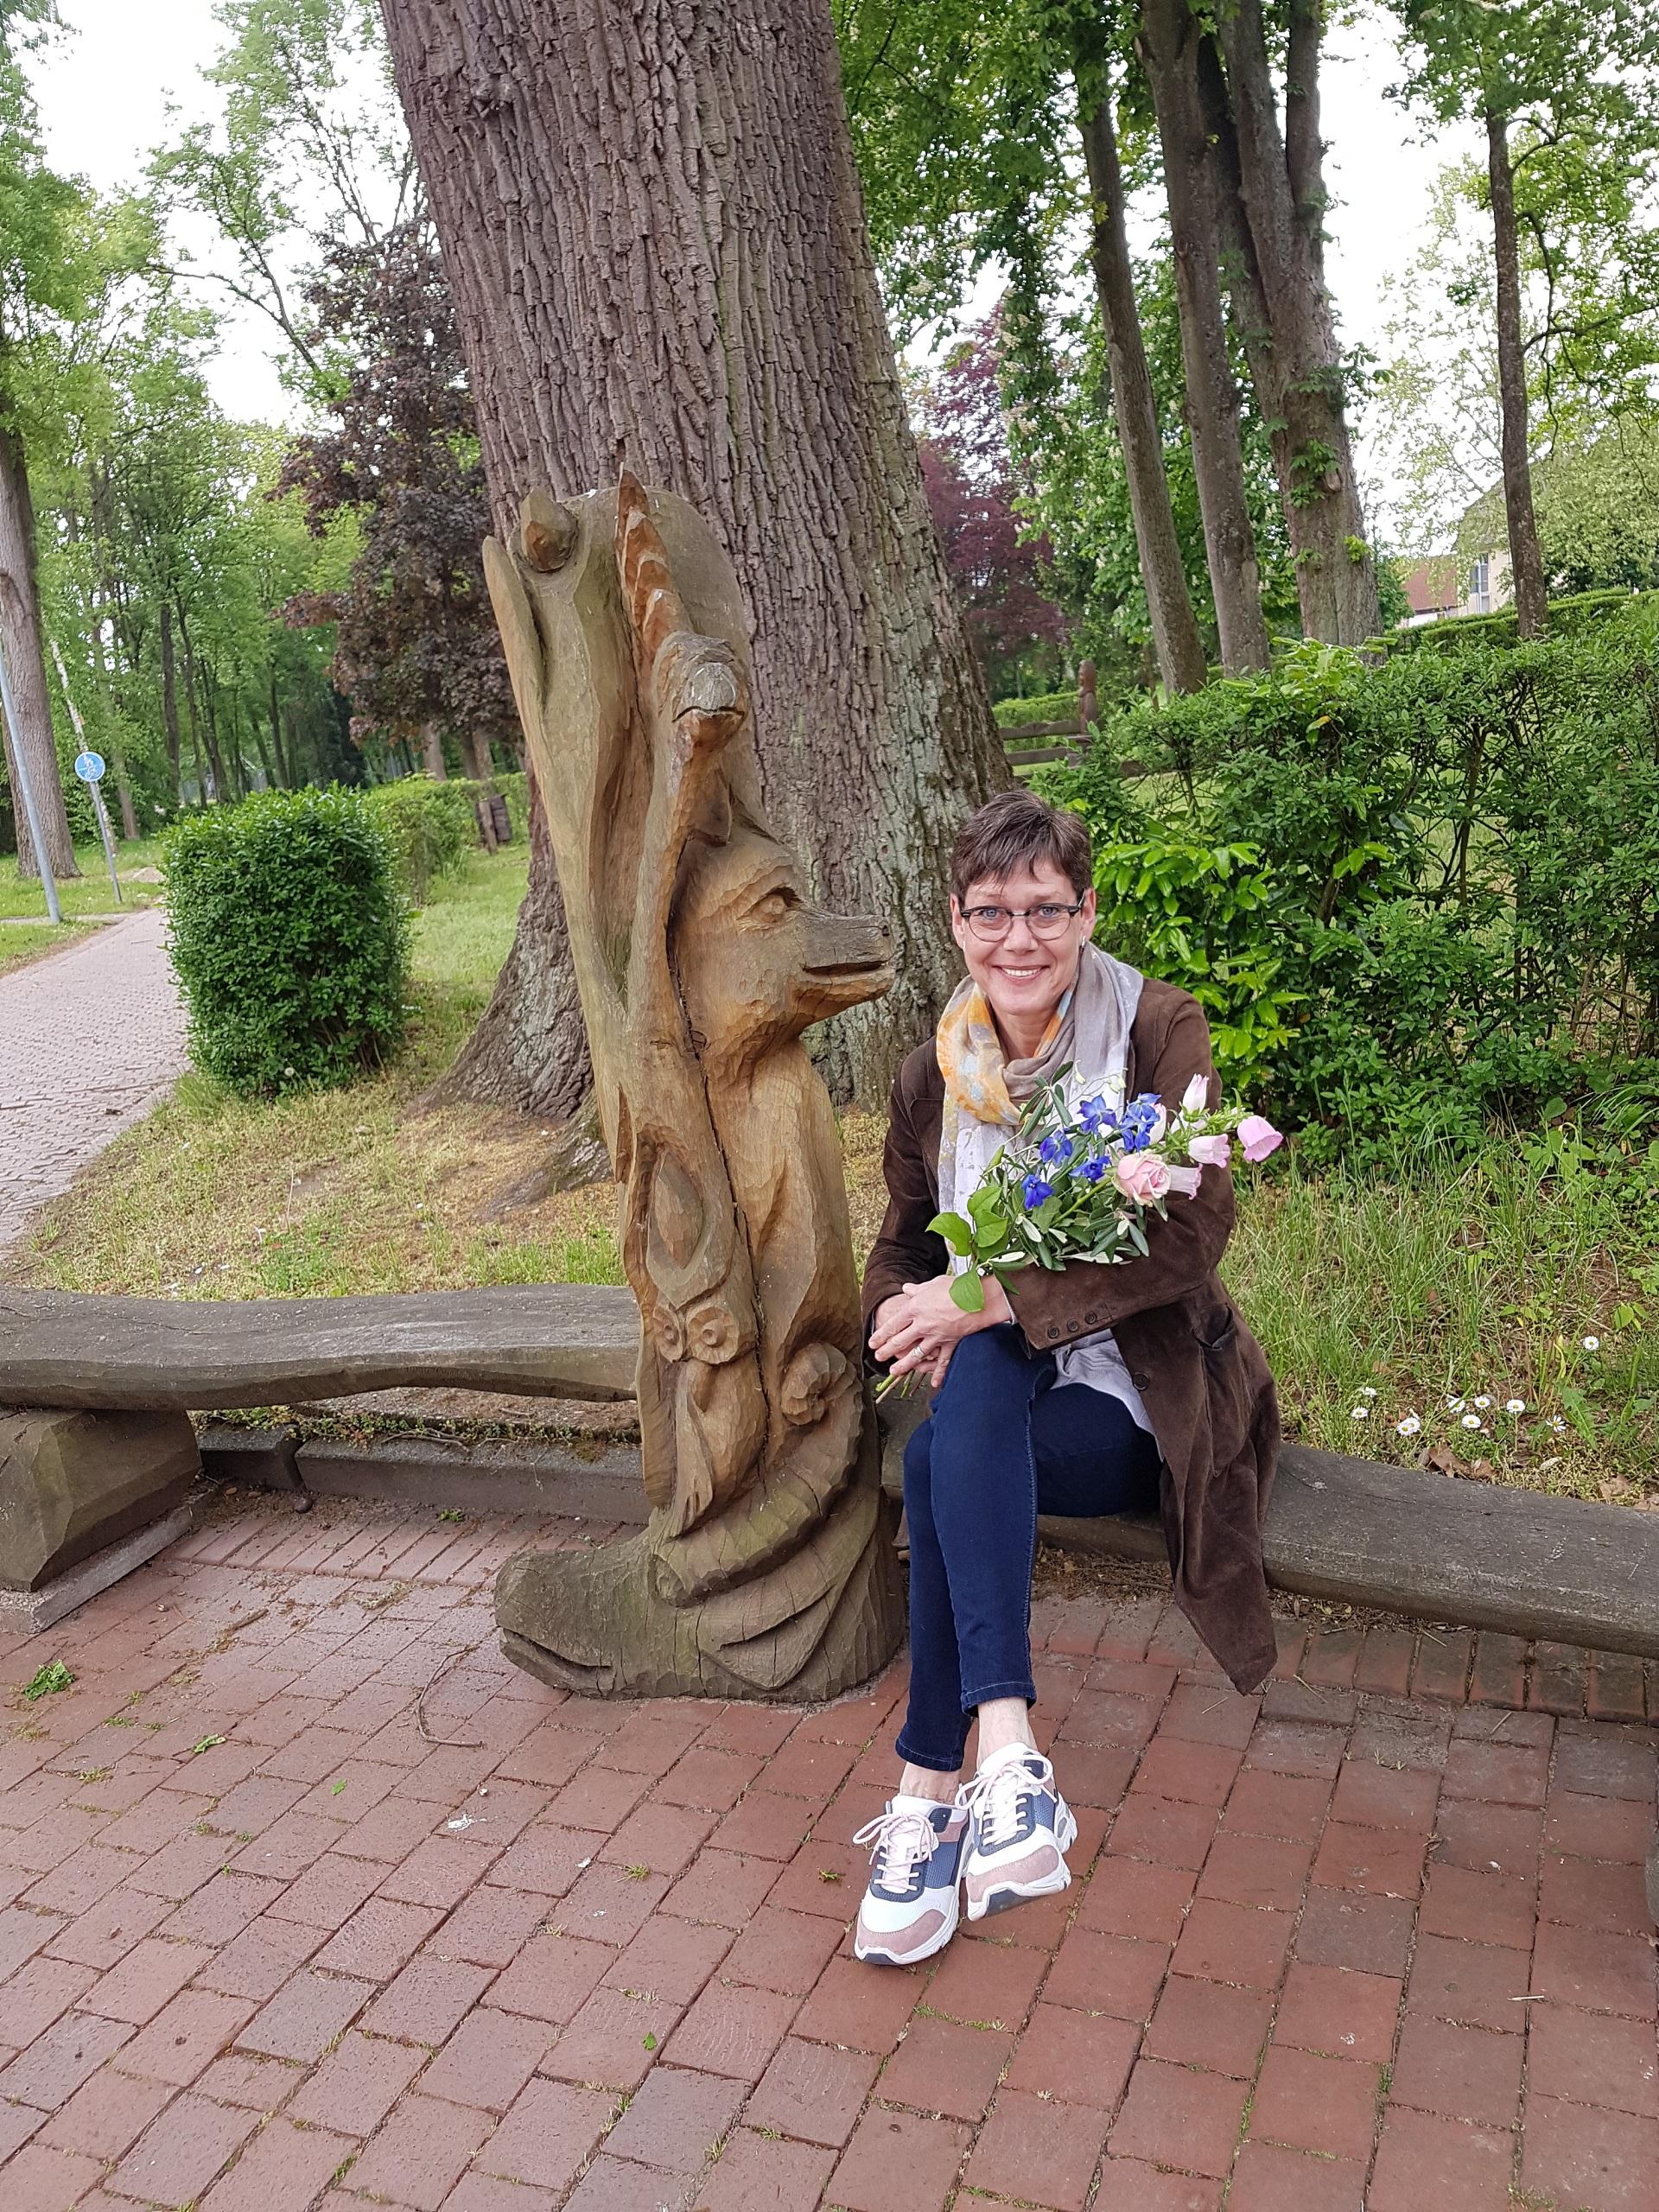 Vasario 16-osios gimnazijos bendruomenė gedi ilgametės matematikos mokytojos Suzanne Stöhr. Nuoširdžiai užjaučiame velionės artimuosius ir liūdime kartu su jais…